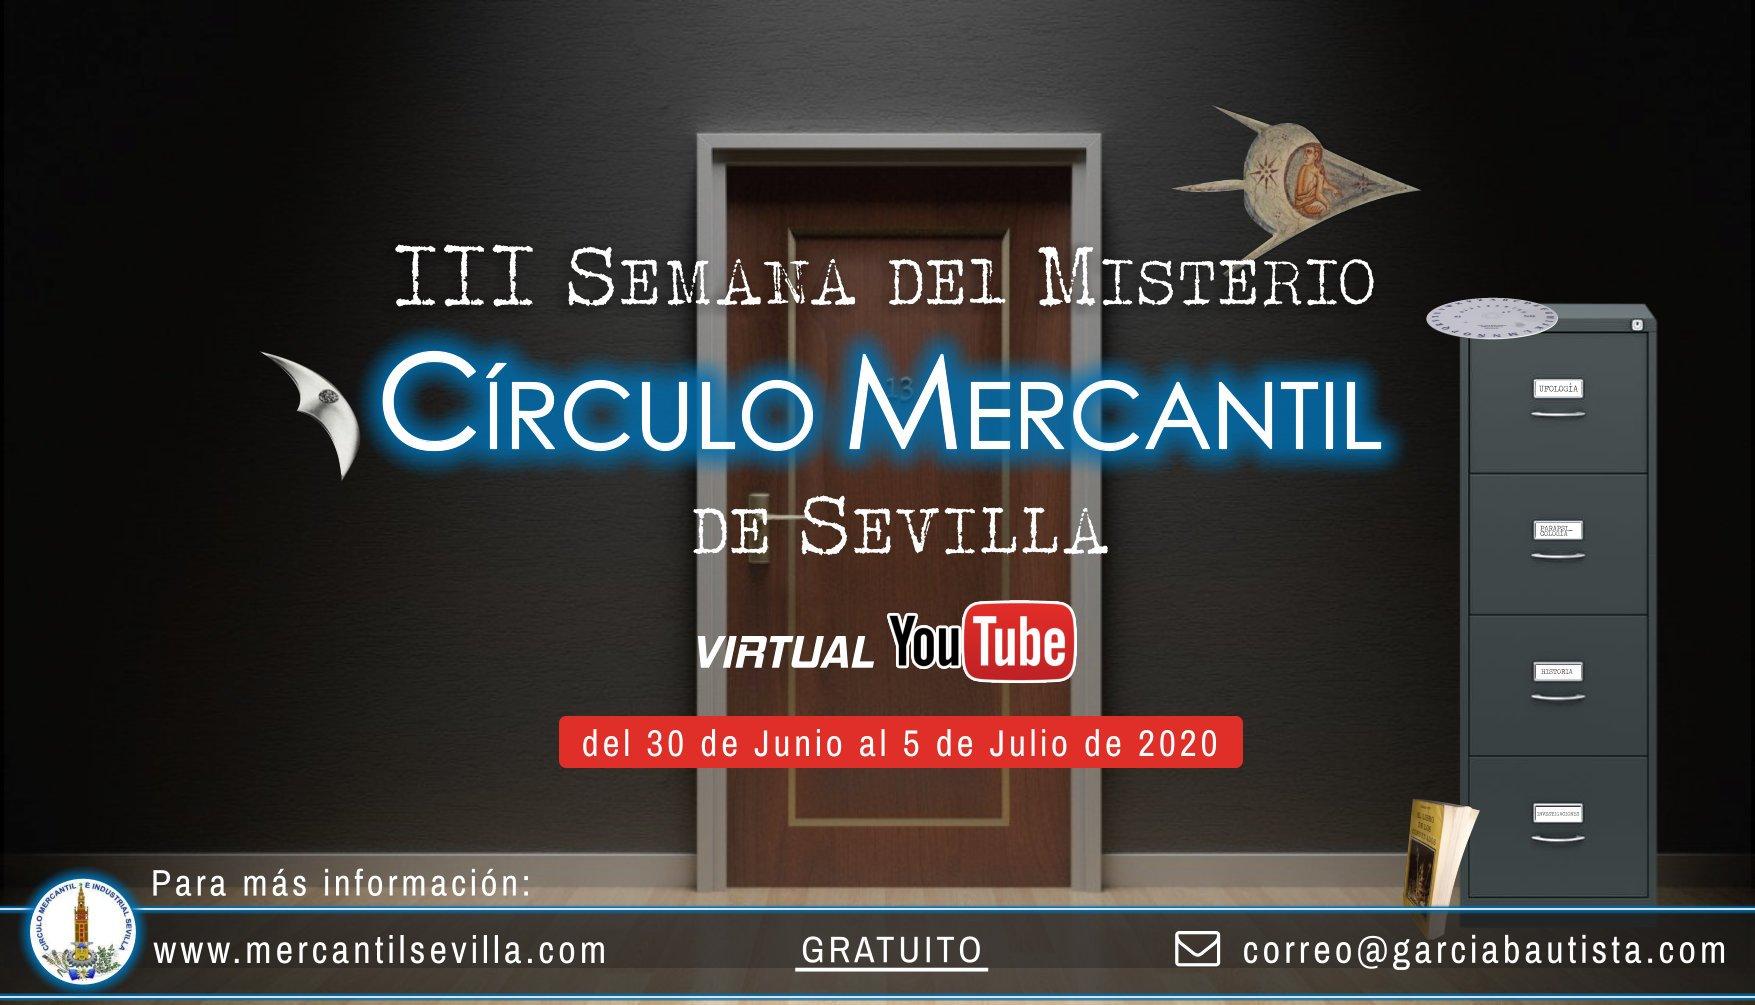 Este Martes comienzan las conferencias de la 3ª Semana del Misterio Círculo Mercantil de Sevilla 1